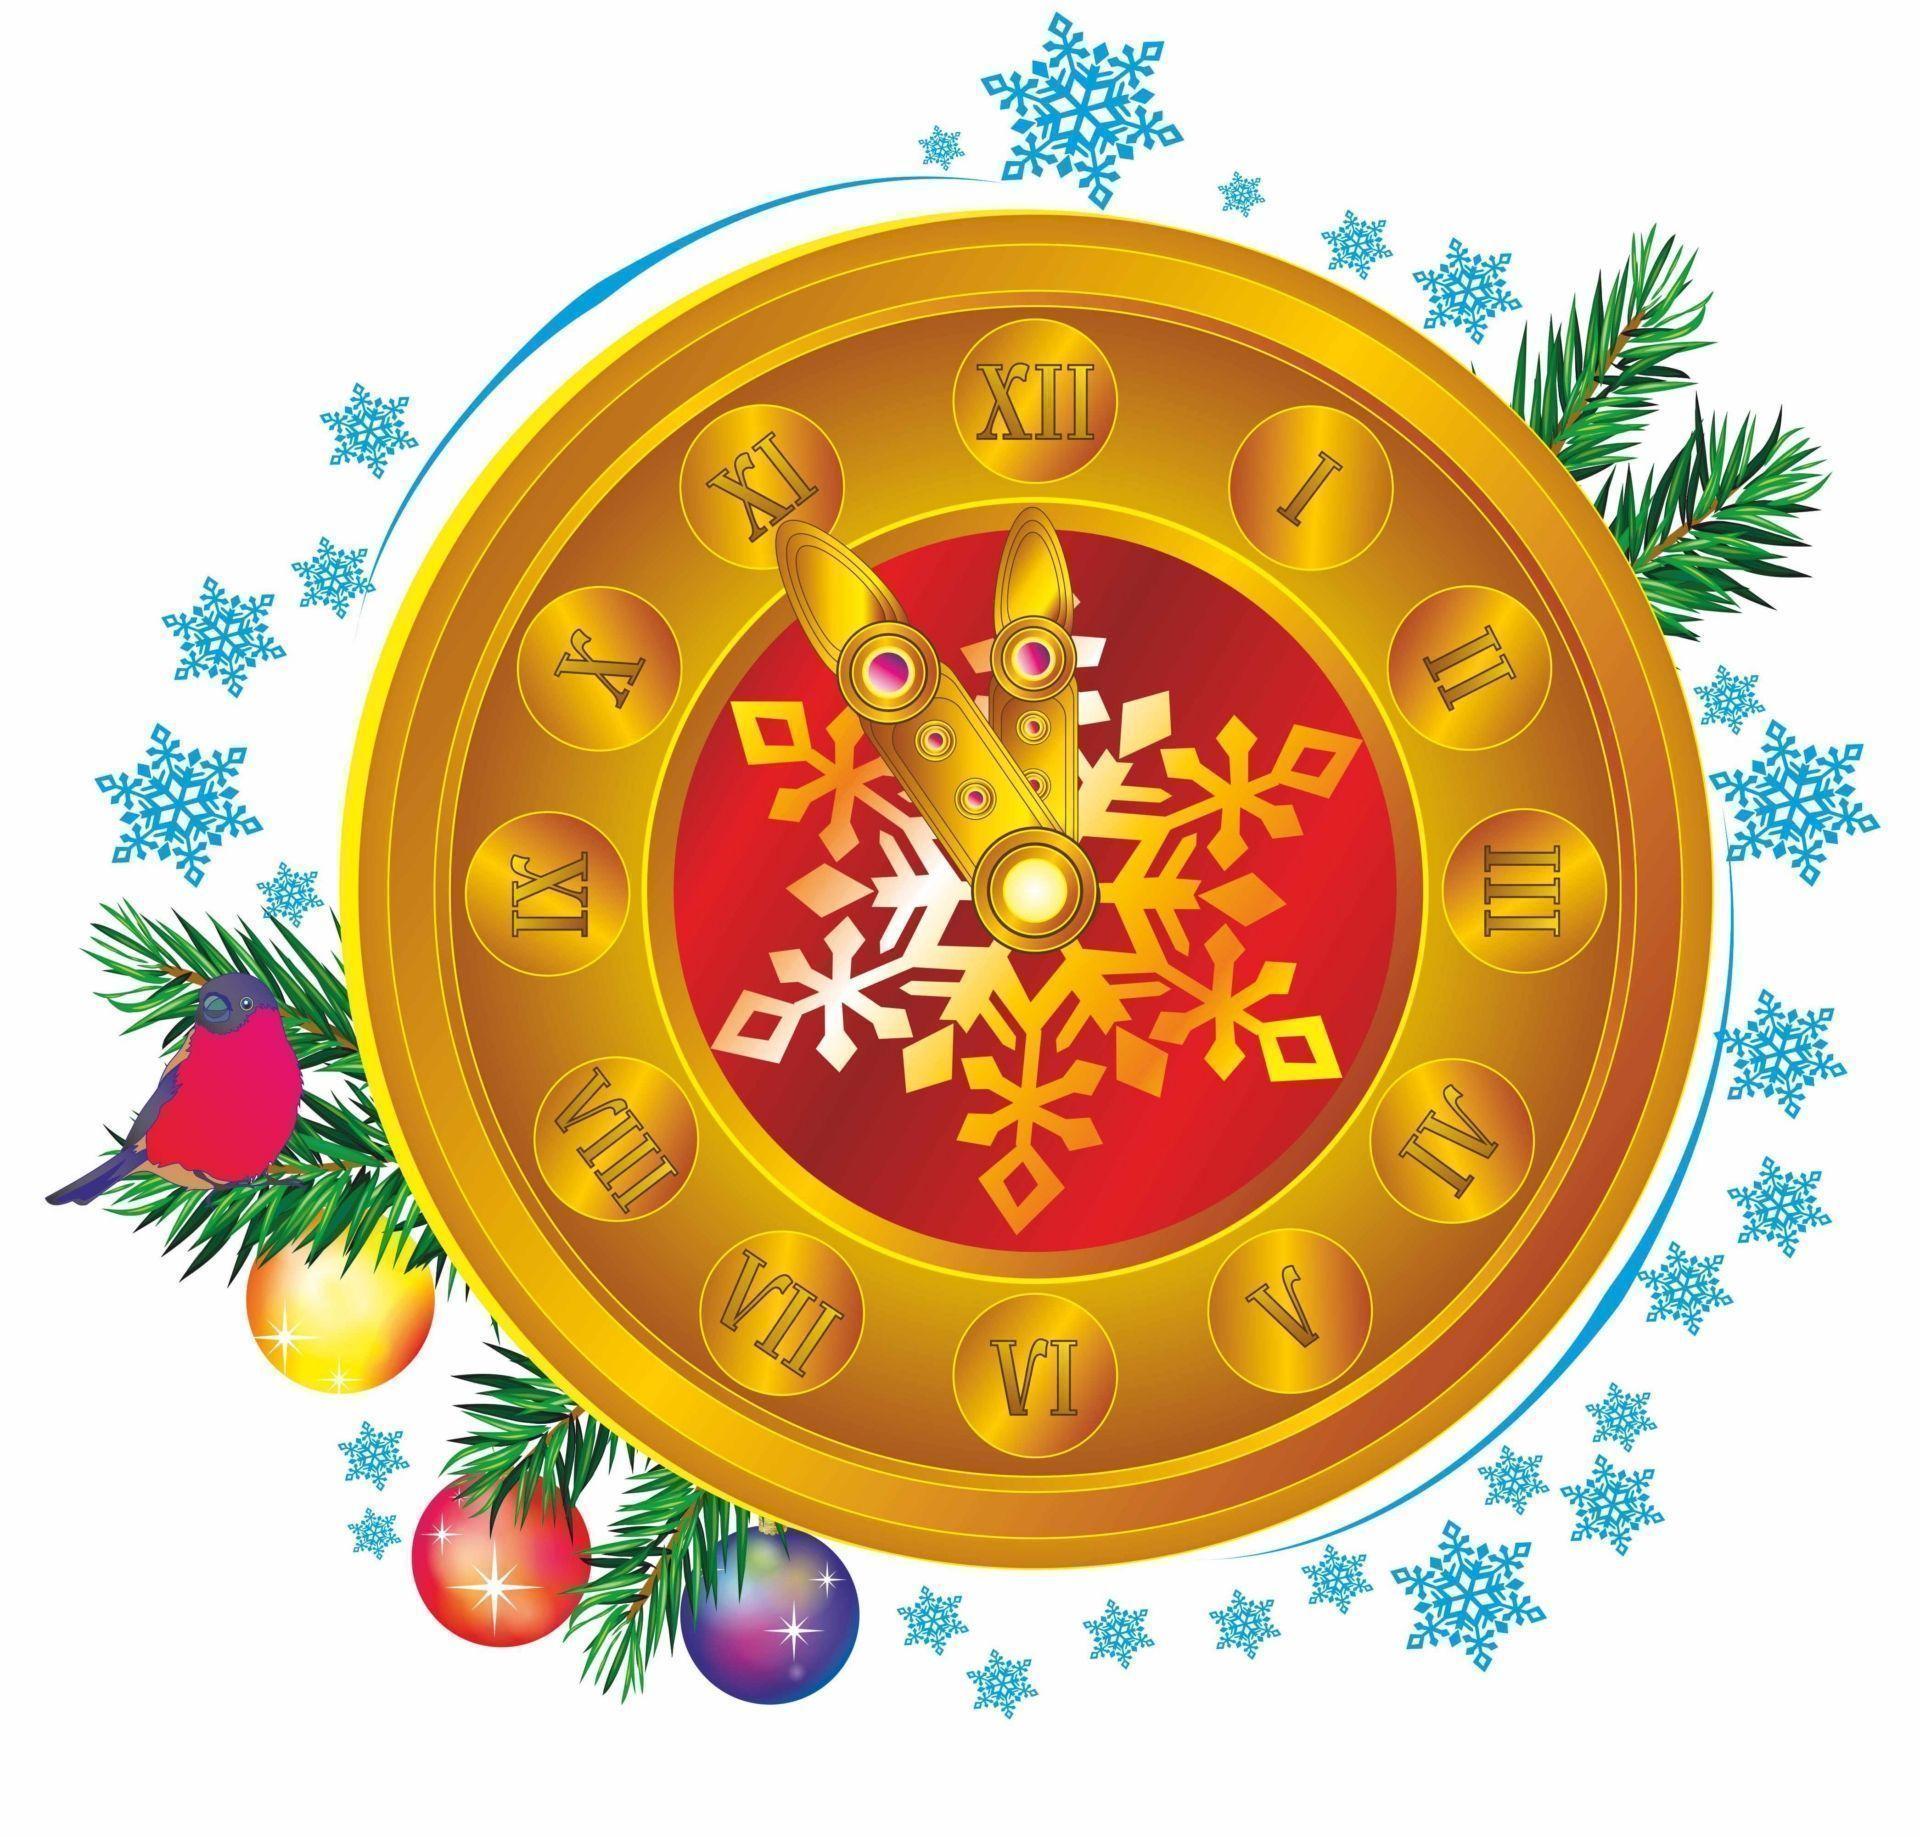 Плакат вырубной Часы новогодниеТовары для оформления и проведения праздника<br>.<br><br>Год: 2018<br>Серия: Вырубные фигуры для оформления<br>Высота: 357<br>Ширина: 340<br>Переплёт: набор